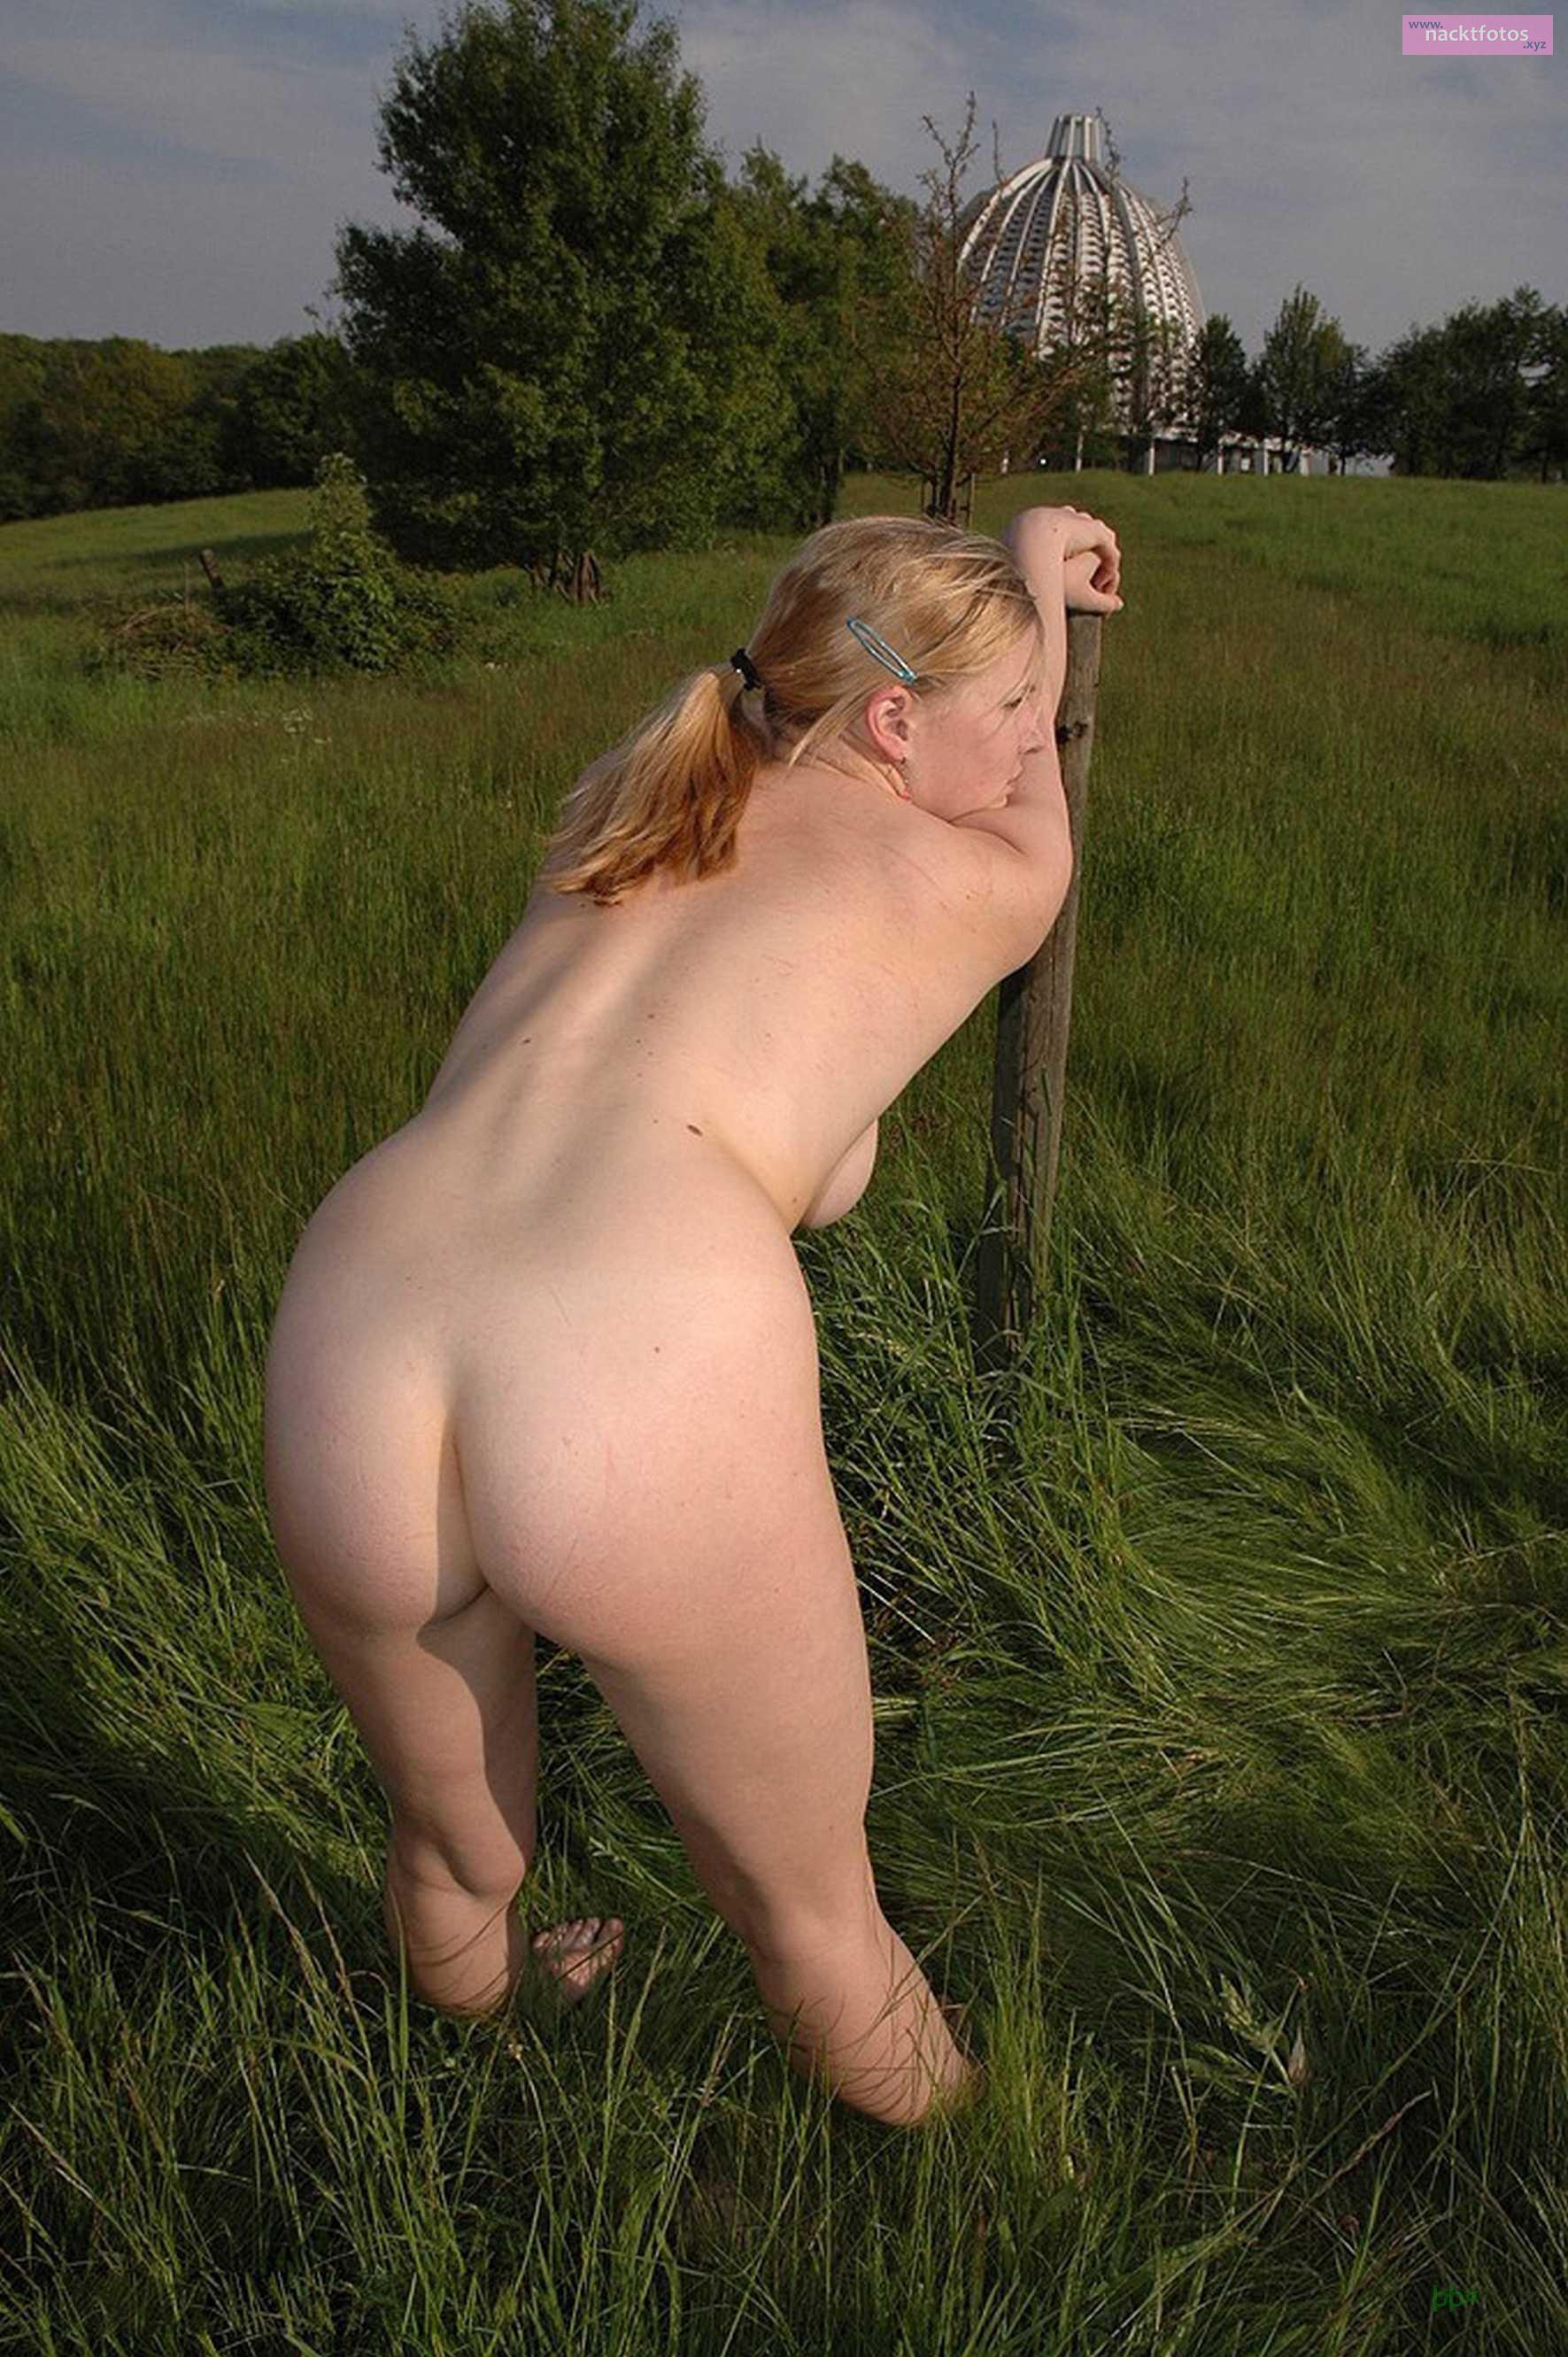 nackt outdoor